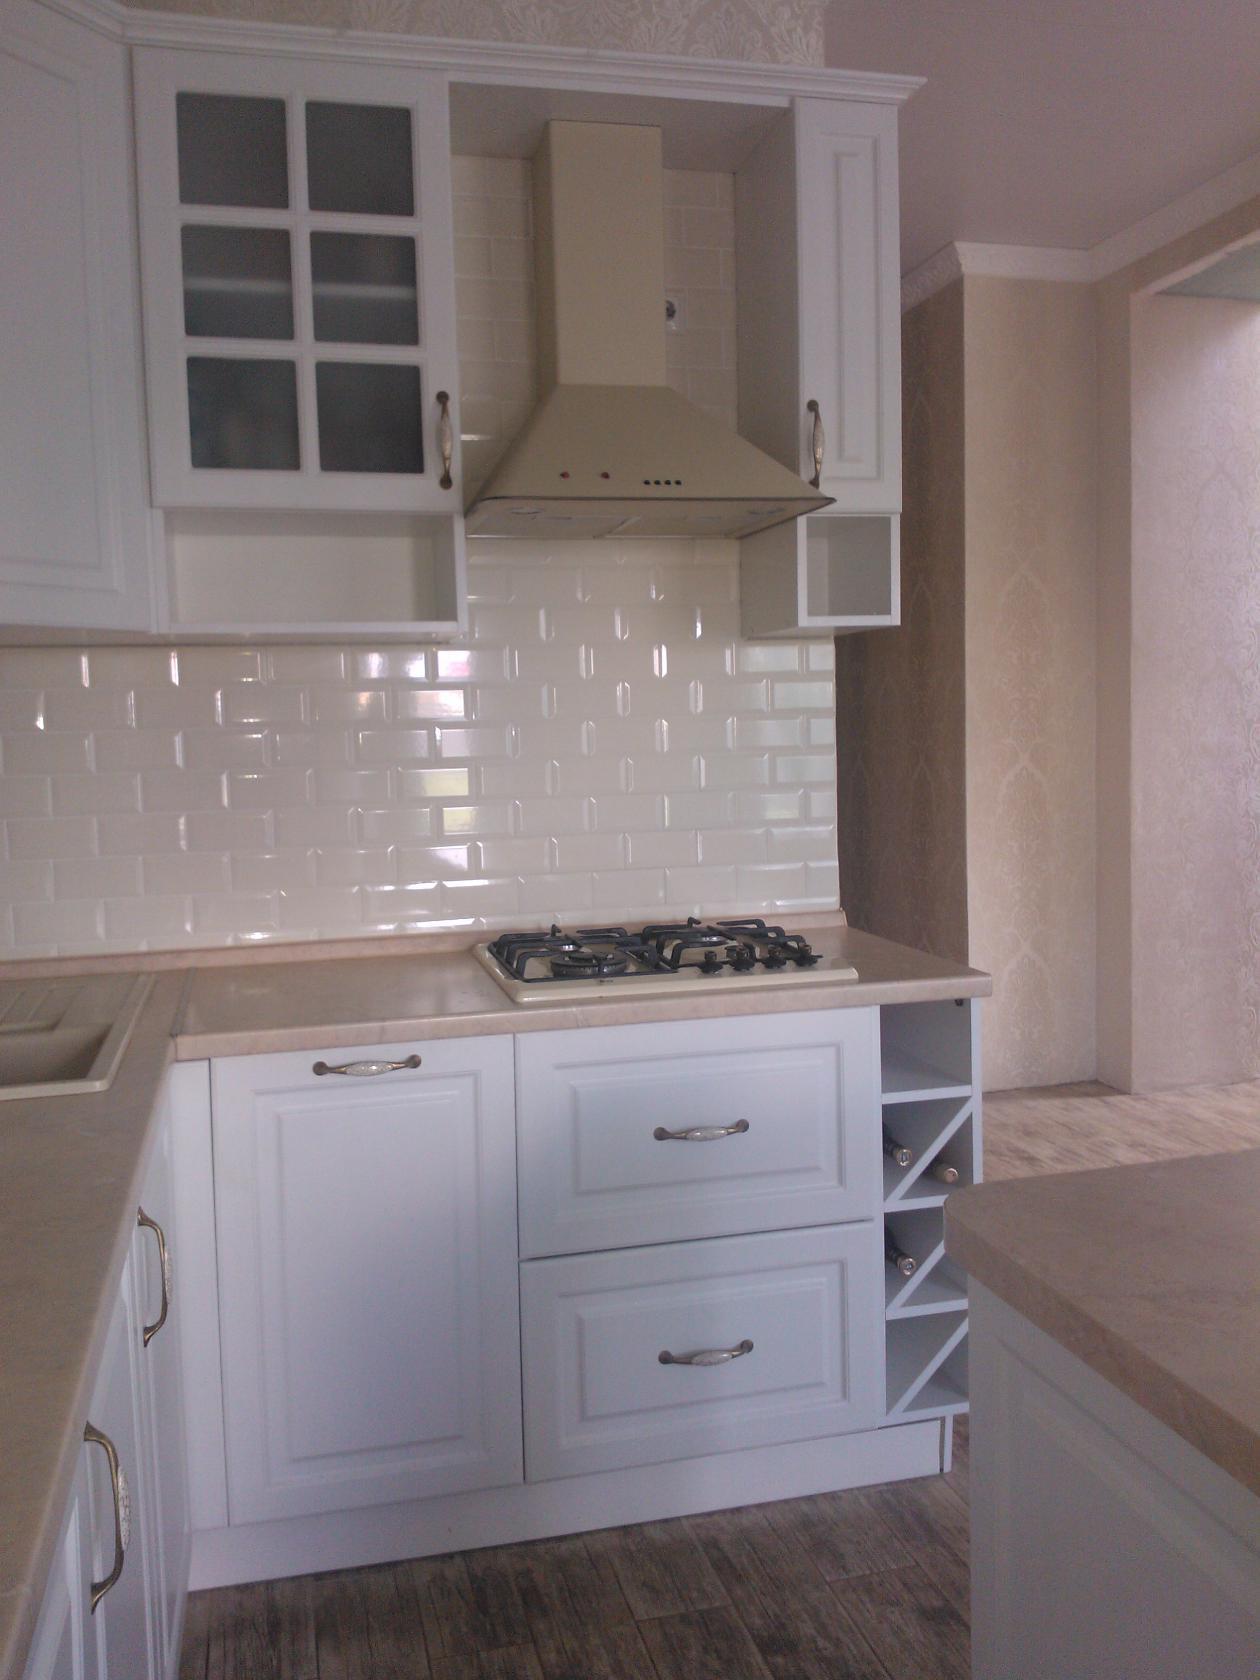 Плитка кирпичиками для кухни (57 фото): керамическая плитка под белый кирпич в интерьере